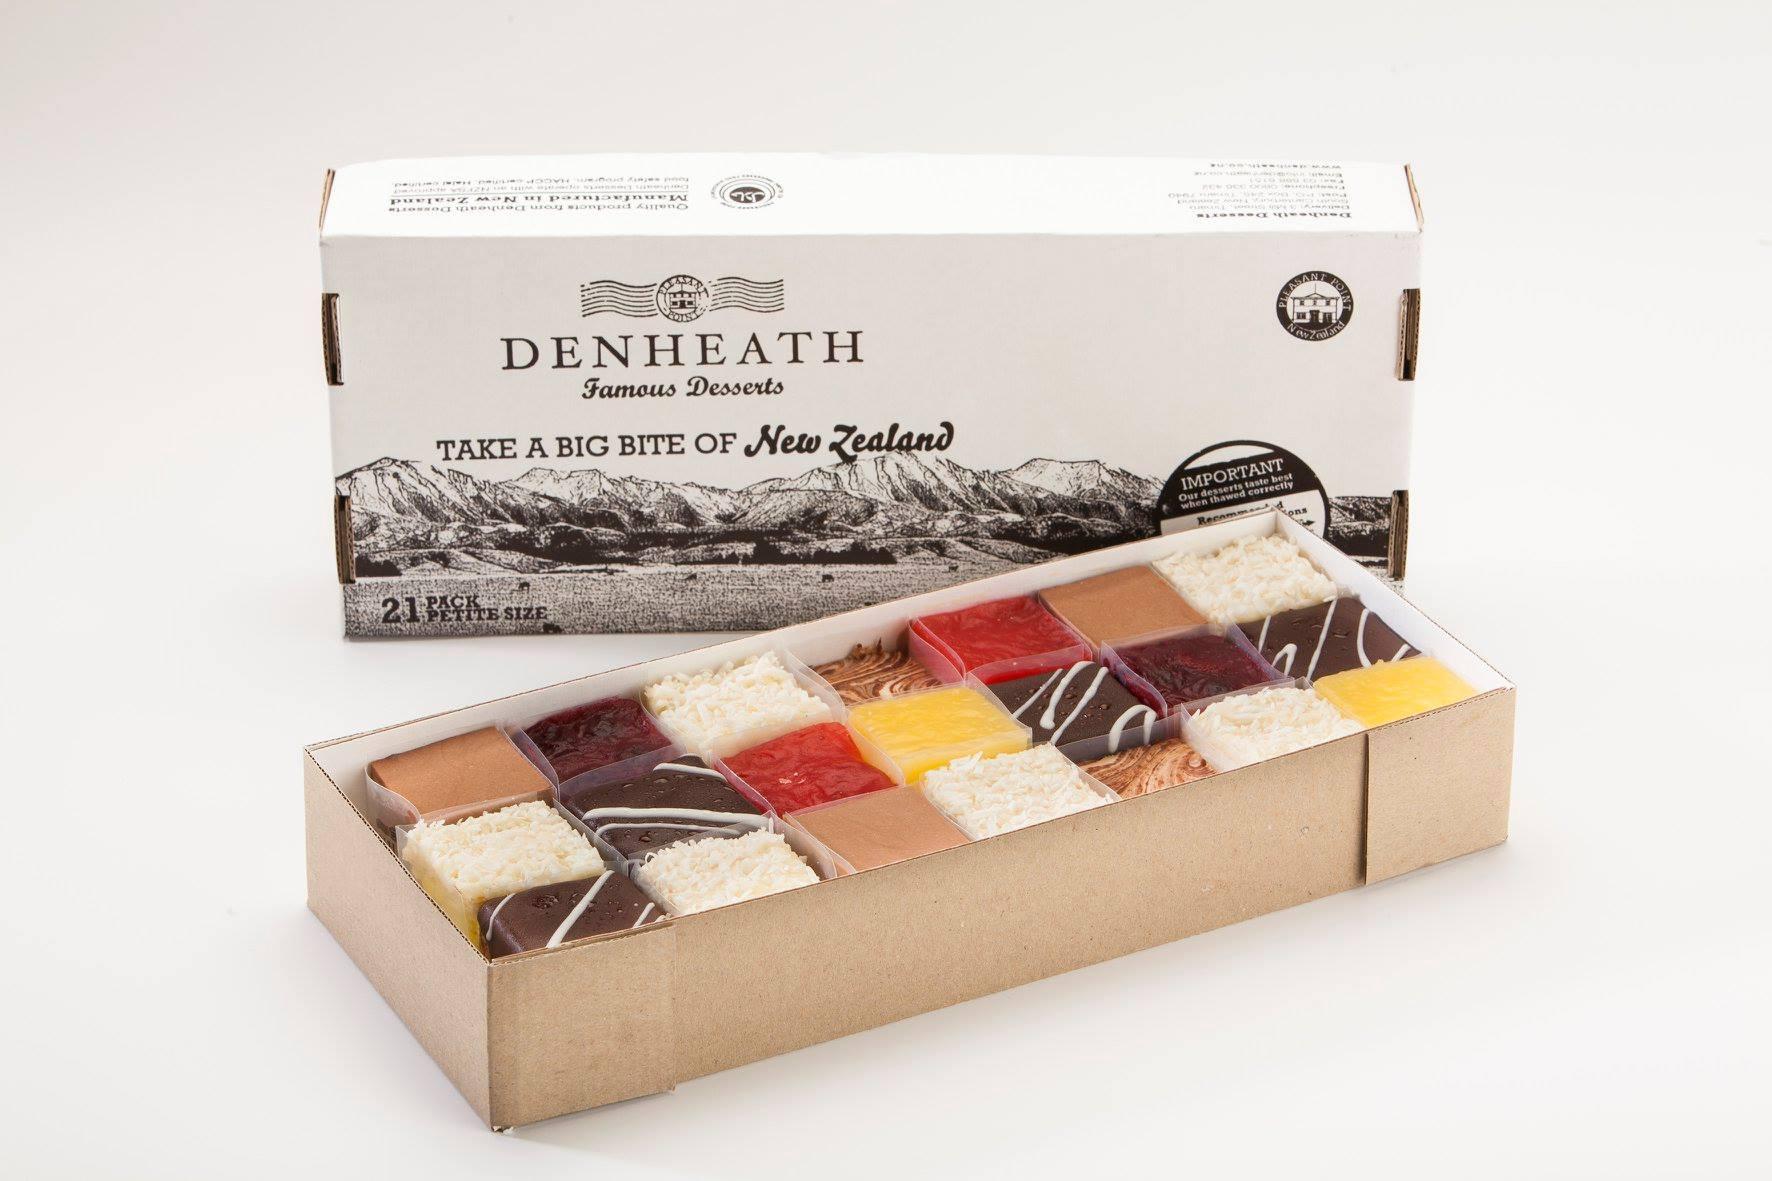 Denheath Desserts